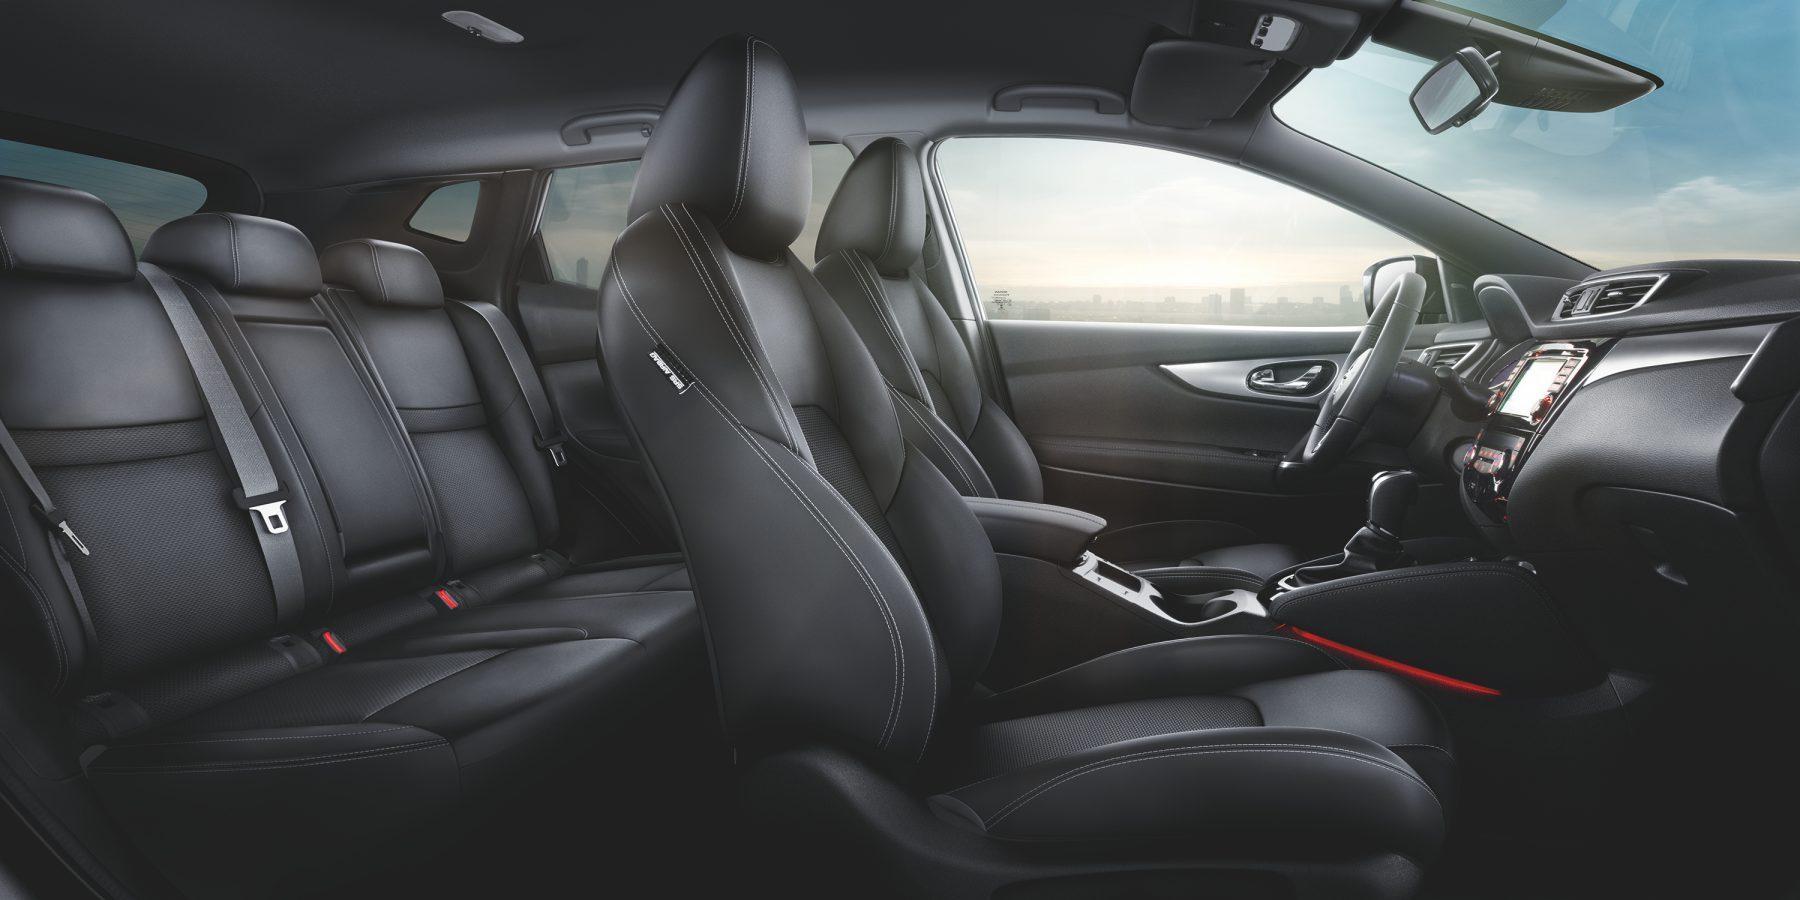 Nissan QASHQAI, салон крупным планом — сиденья в единообразном стиле с частичной отделкой из кожи и из черной ткани